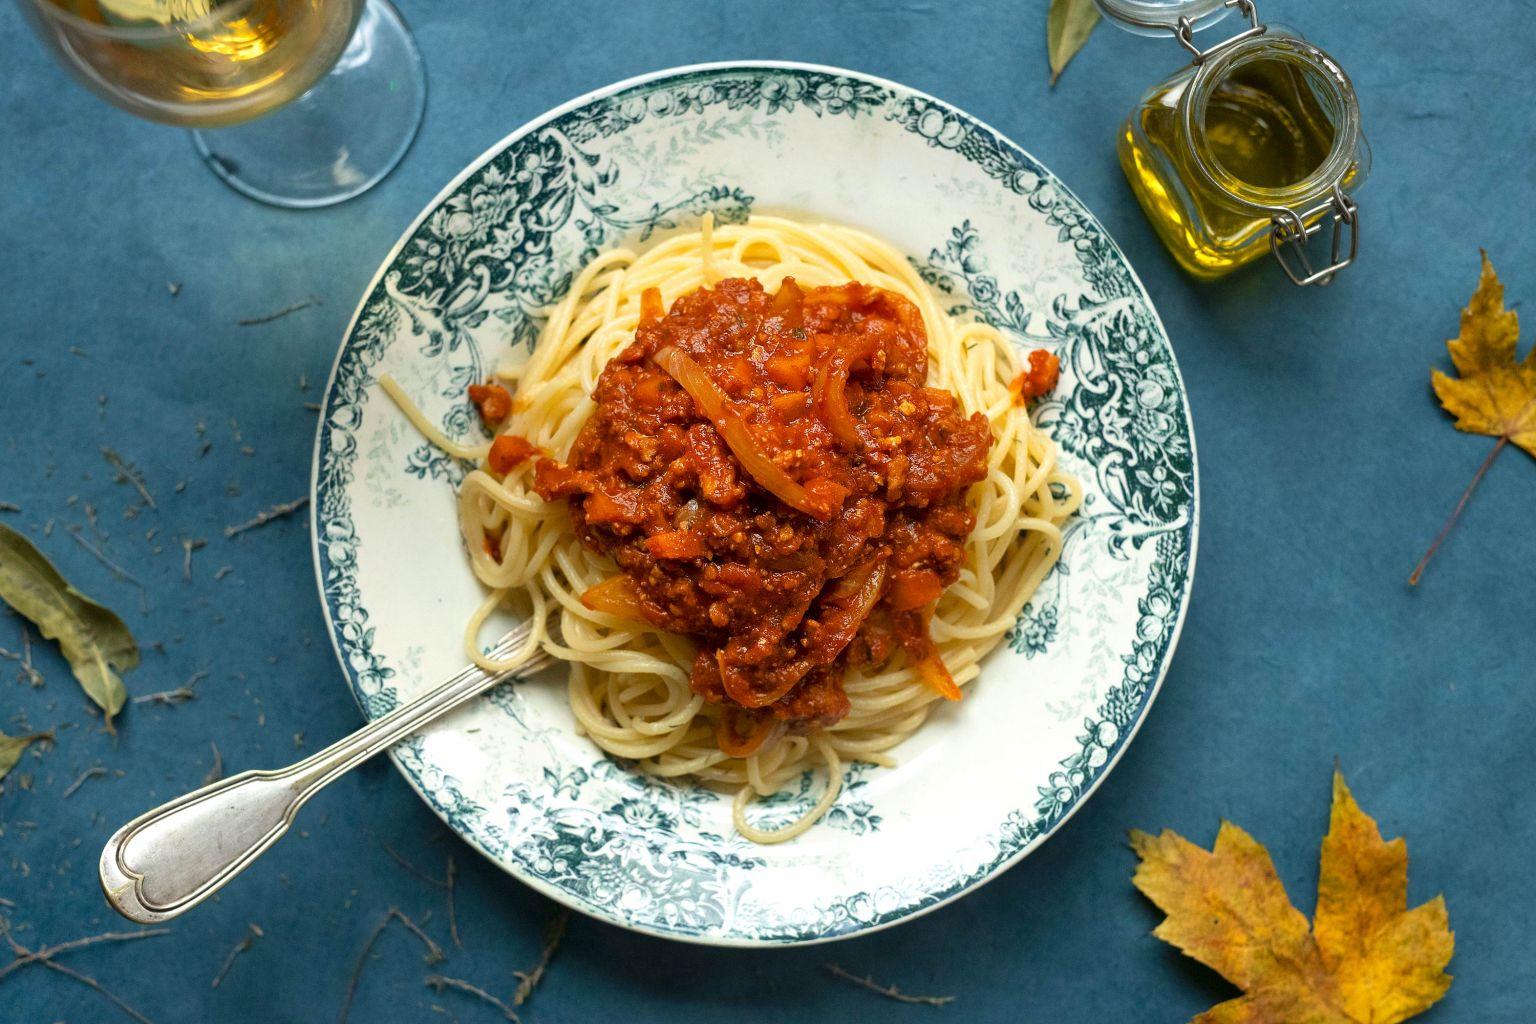 Spaghetti bolognaise au haché végétal